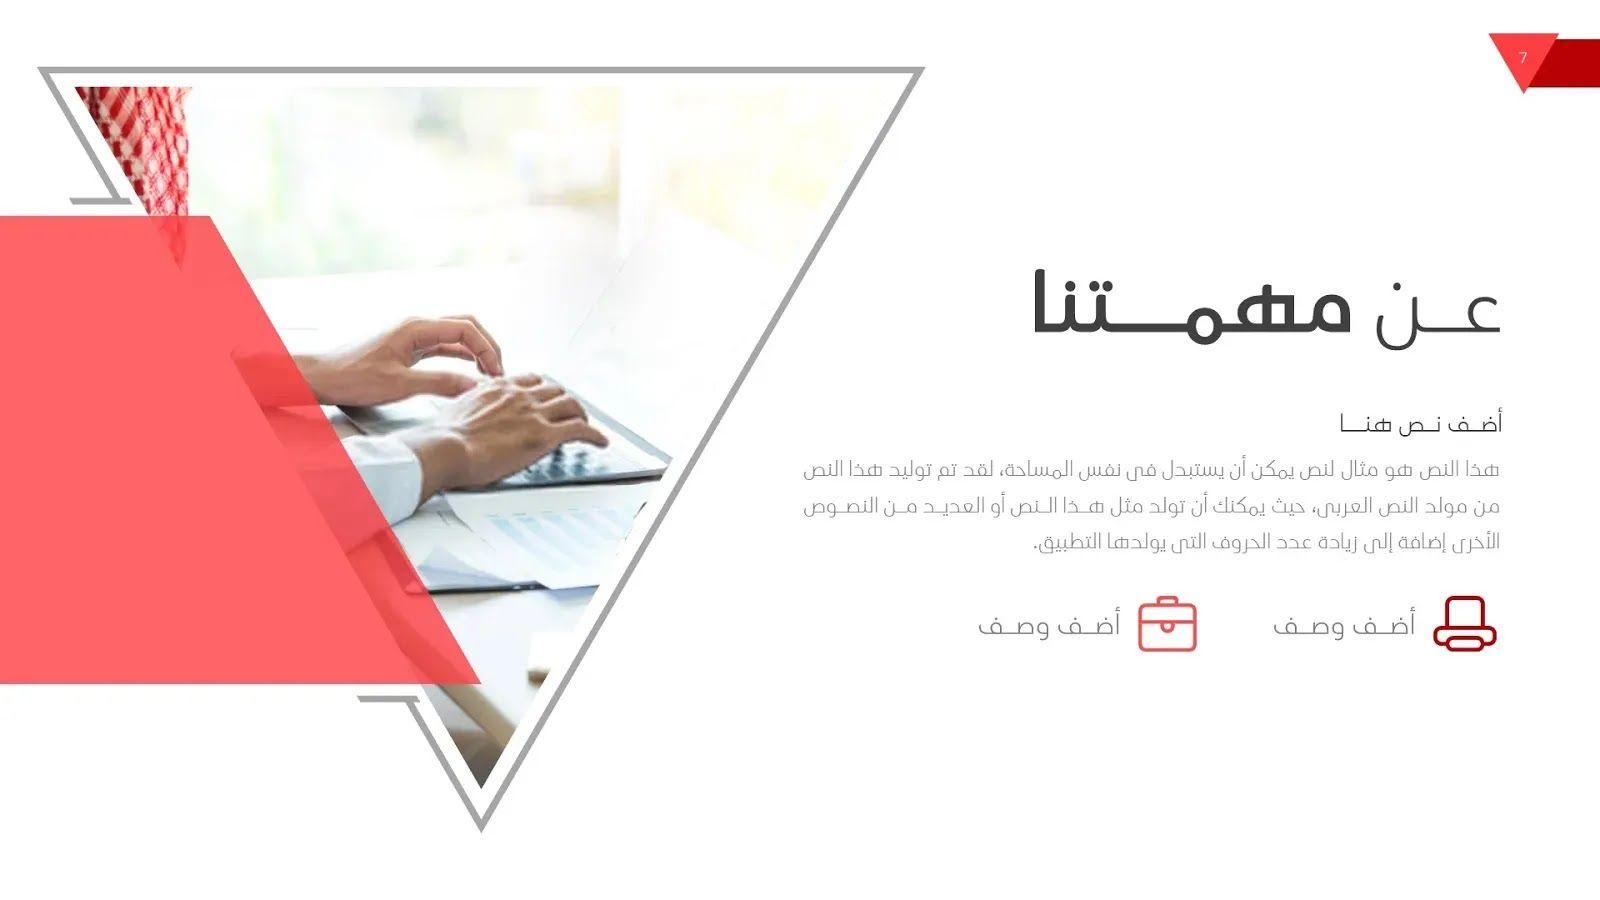 أهرامات قالب بوربوينت عربي متعدد الاستخدام جاهز للتعديل عليه ادركها بوربوينت Templates Pill Playing Cards